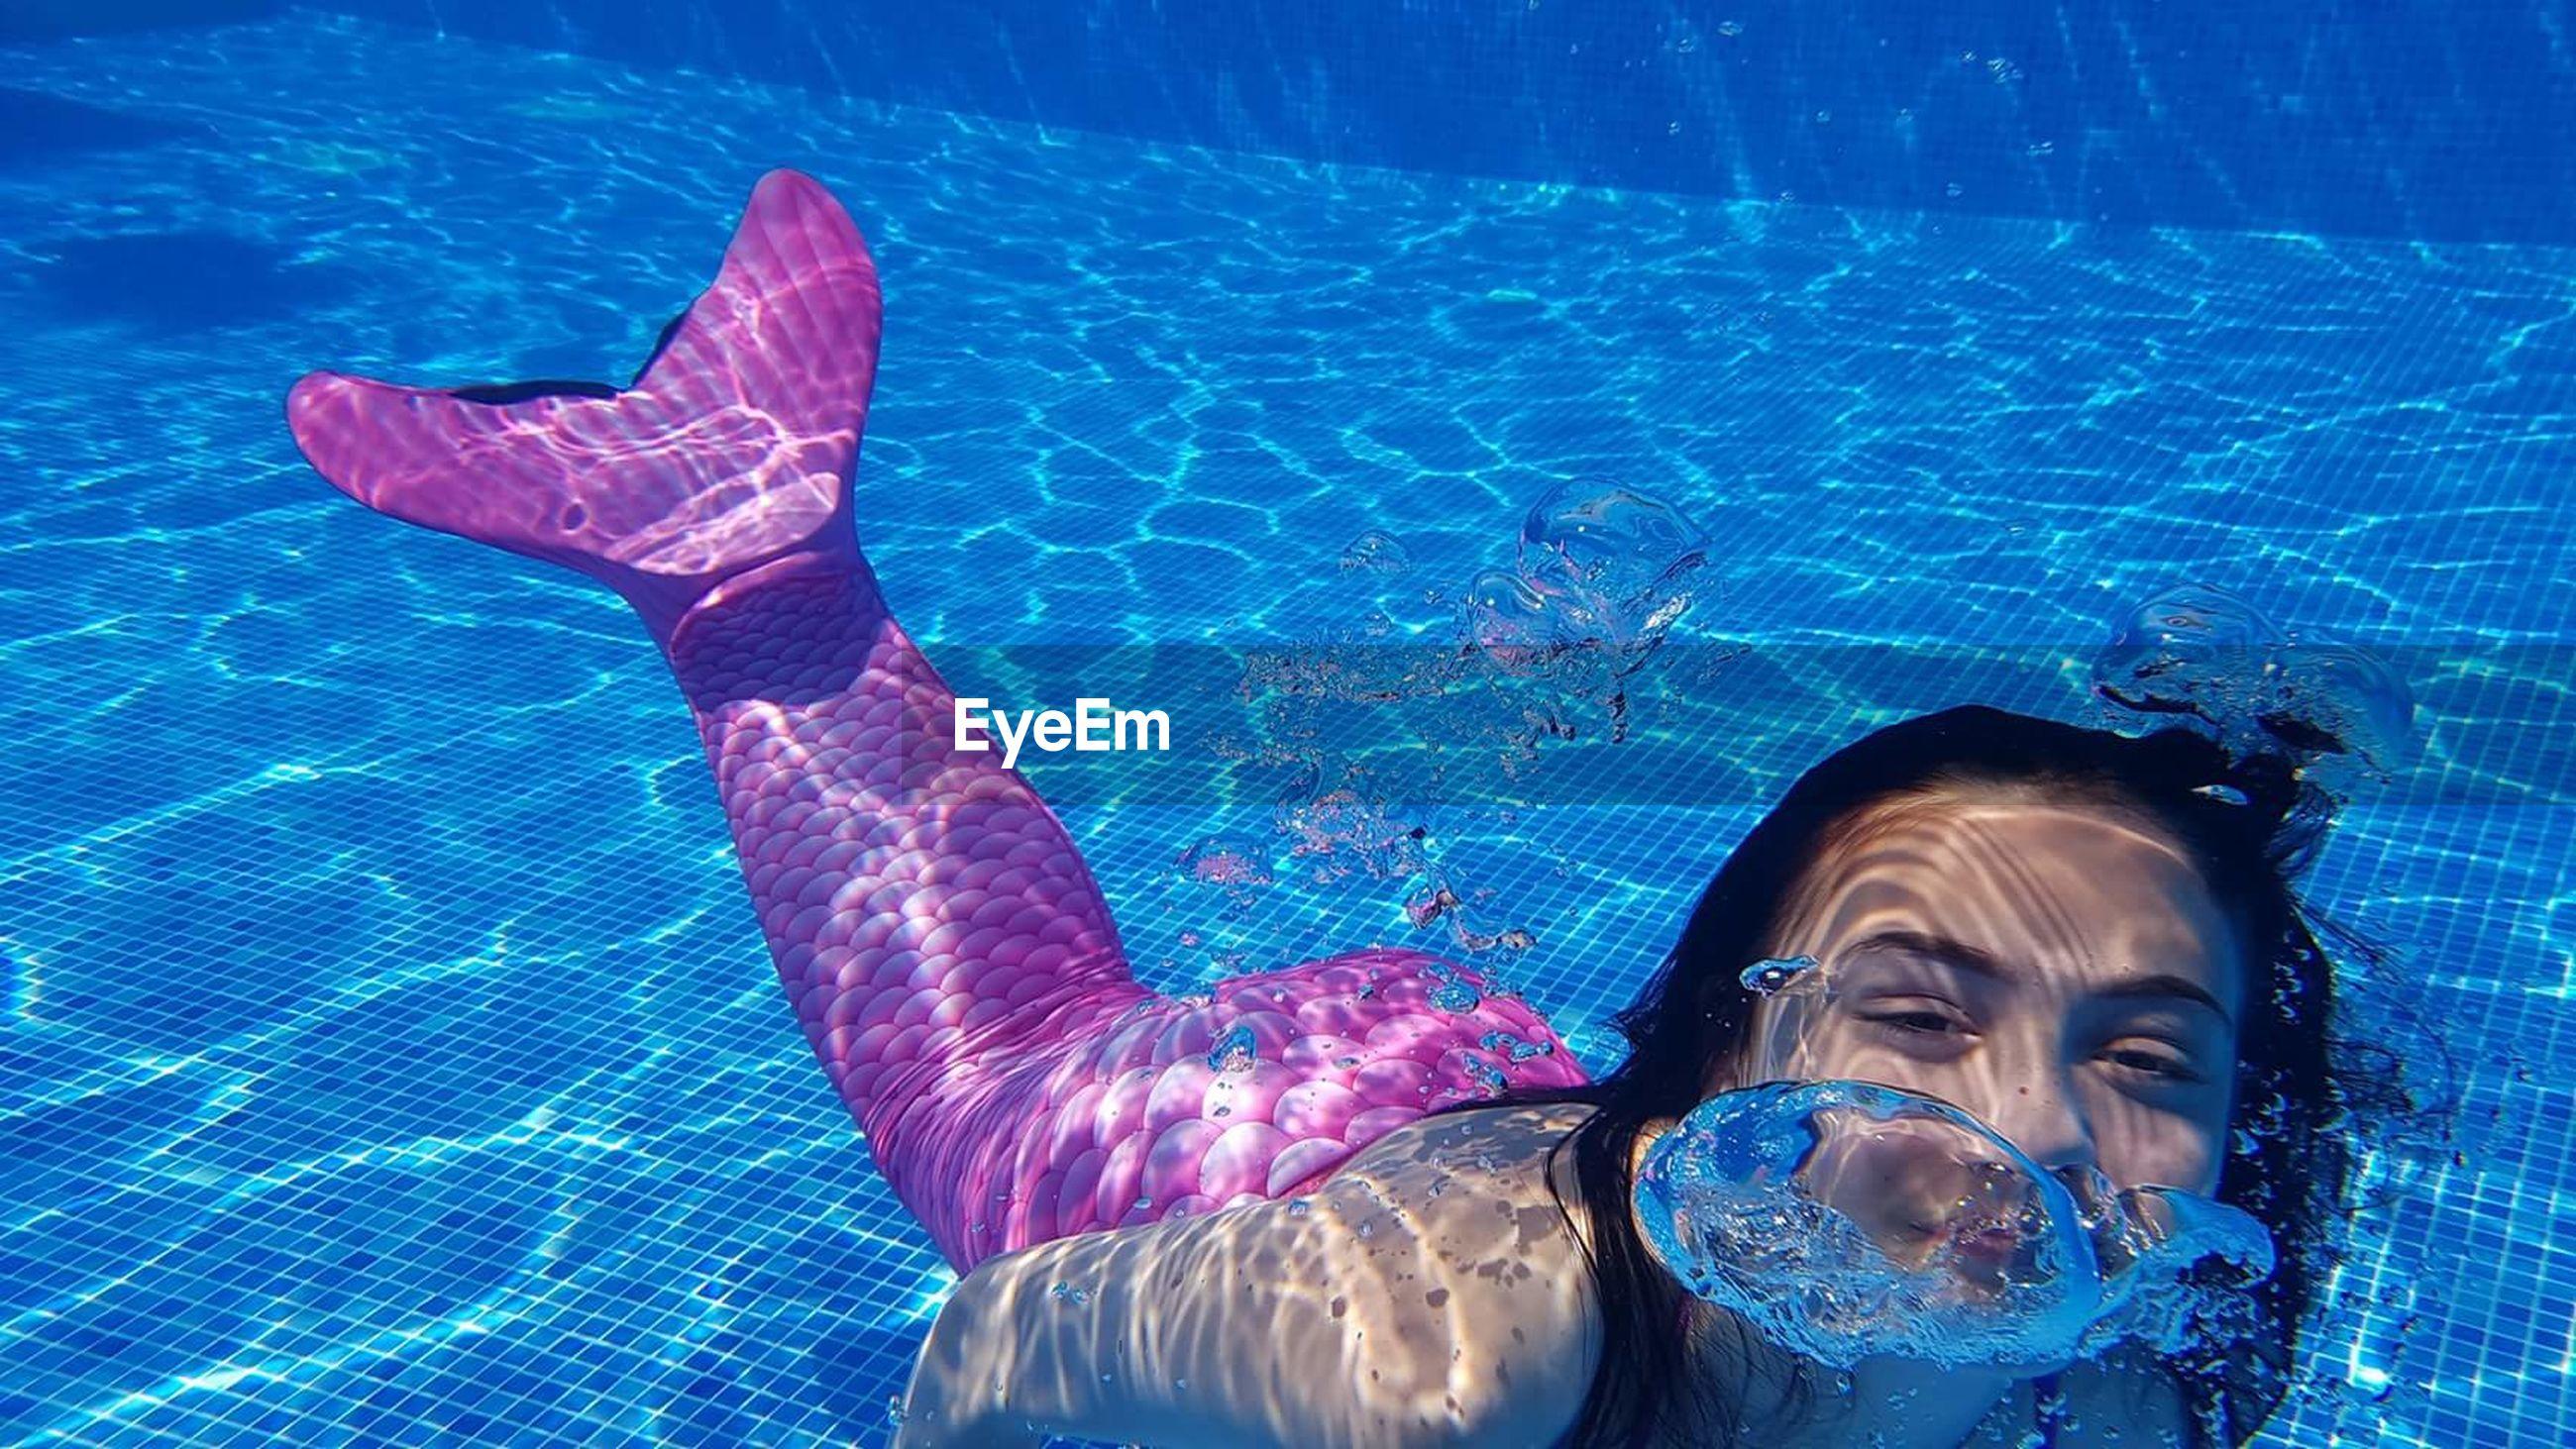 Girl dressed as mermaid in swimming pool